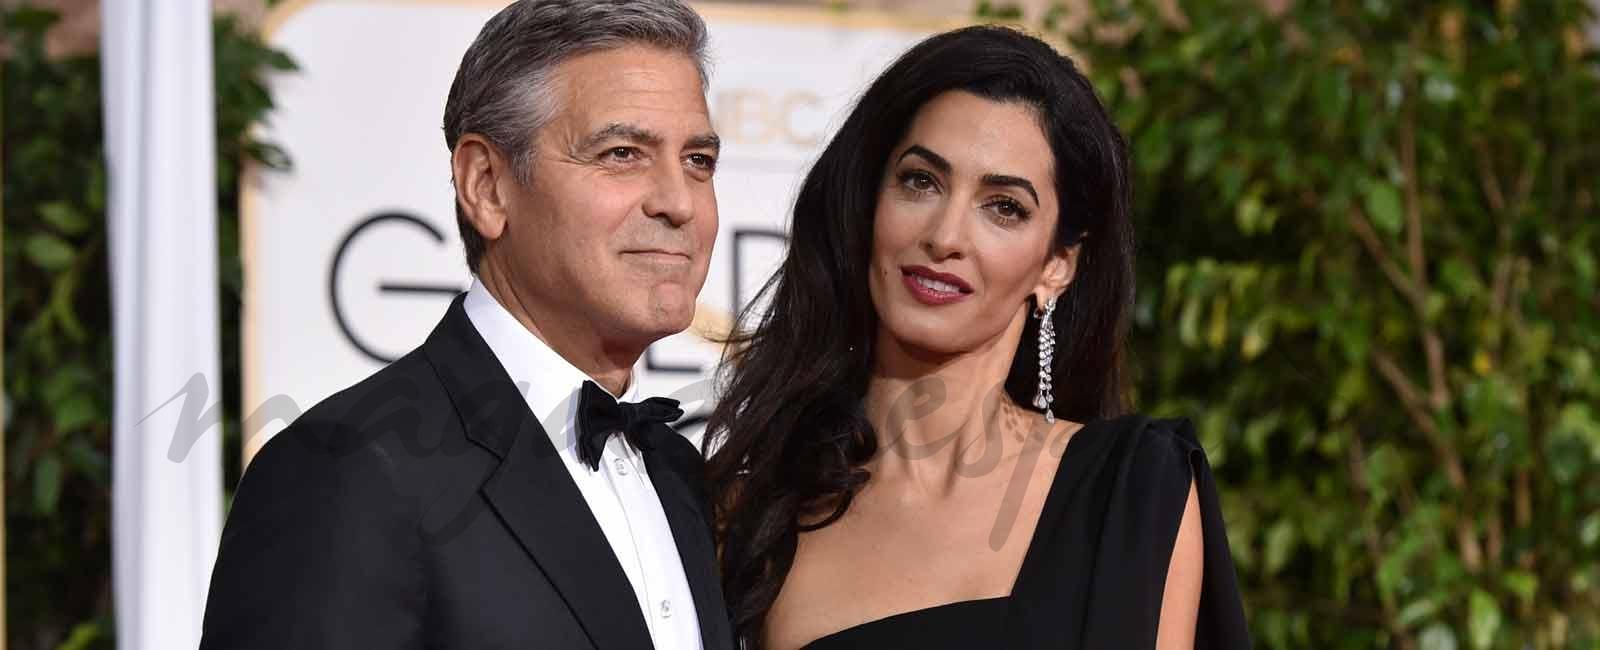 George y Amal Clooney donan 100.000 dólares para ayudar a los niños inmigrantes